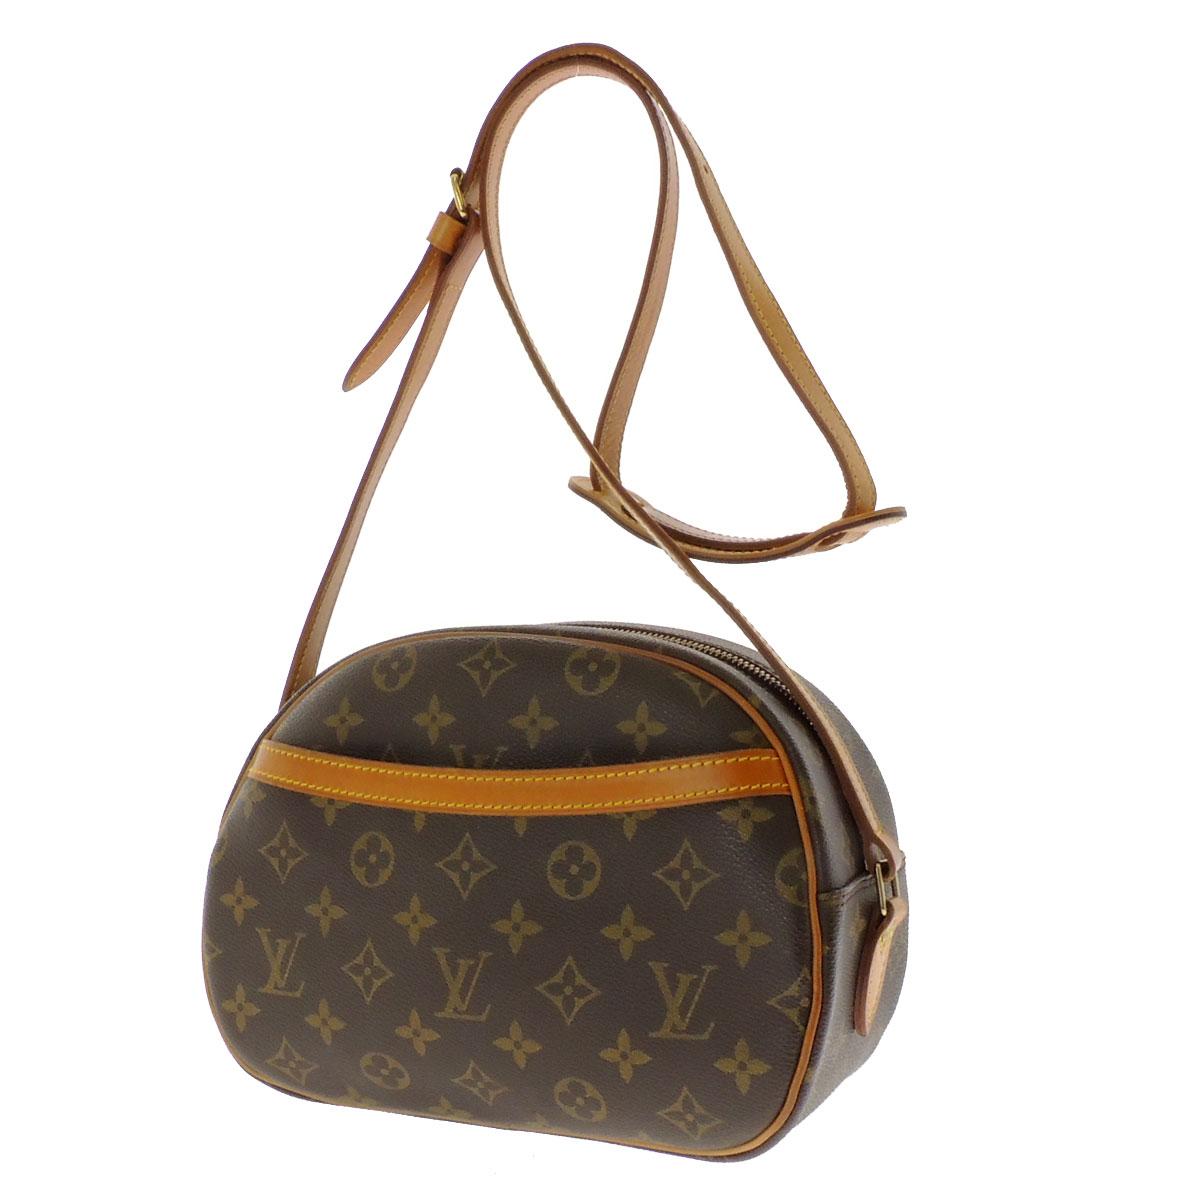 LOUIS VUITTON blower M51221 shoulder bag monogram canvas Lady's